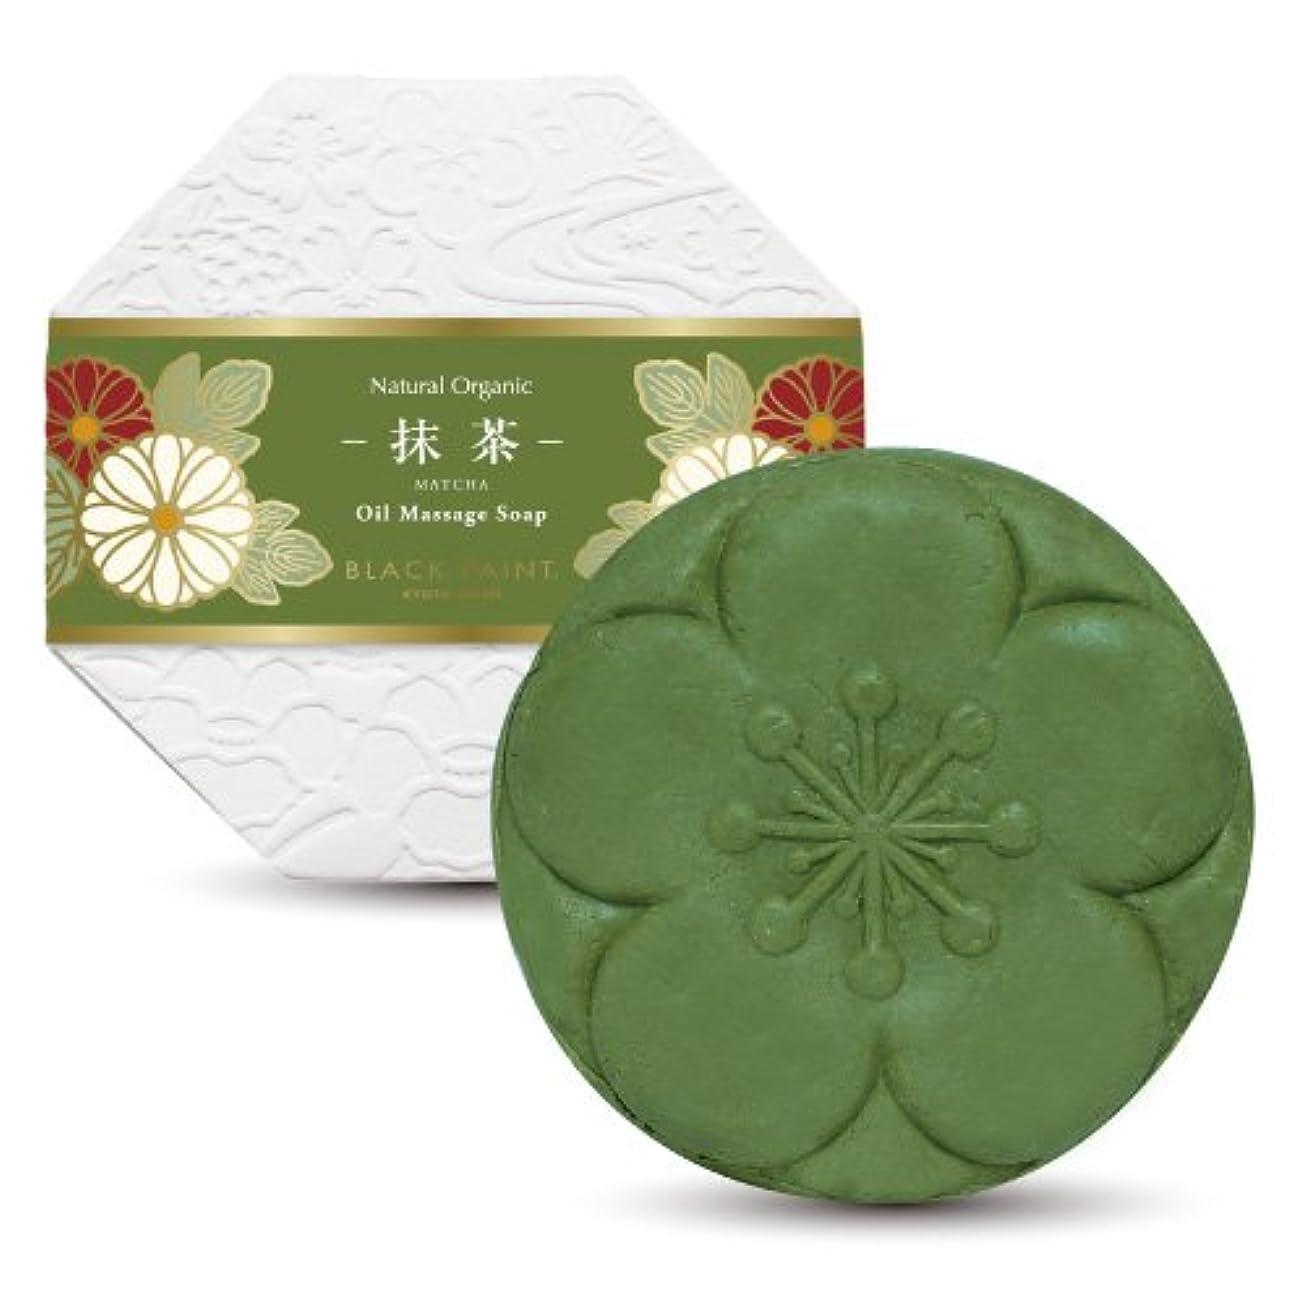 黒インディカ胆嚢京のお茶石鹸 抹茶 120g 塗る石鹸